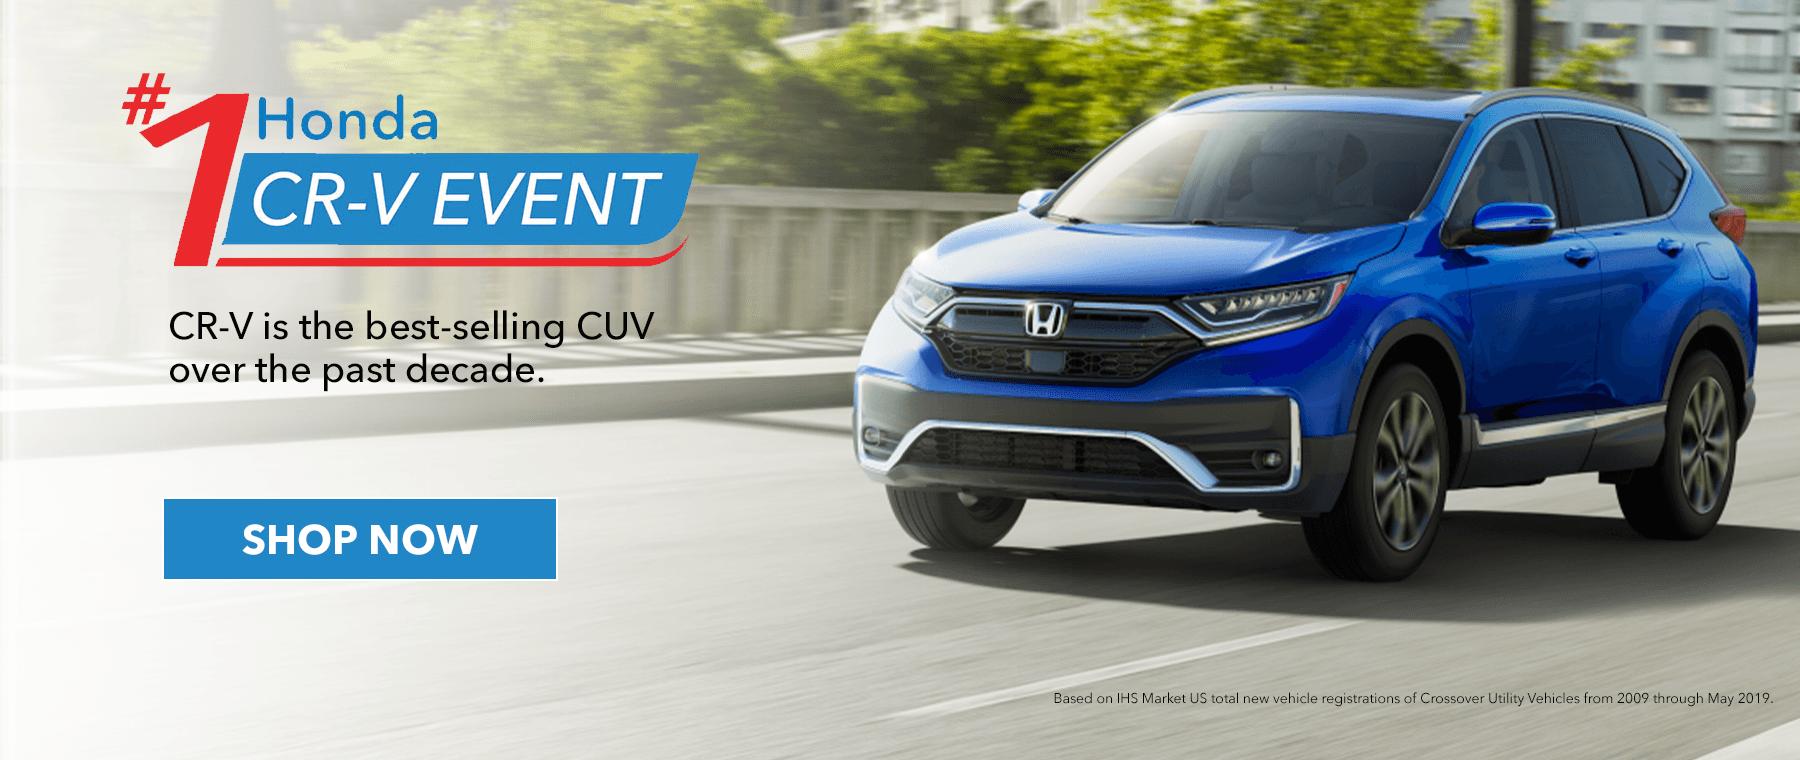 Honda CR-V Event